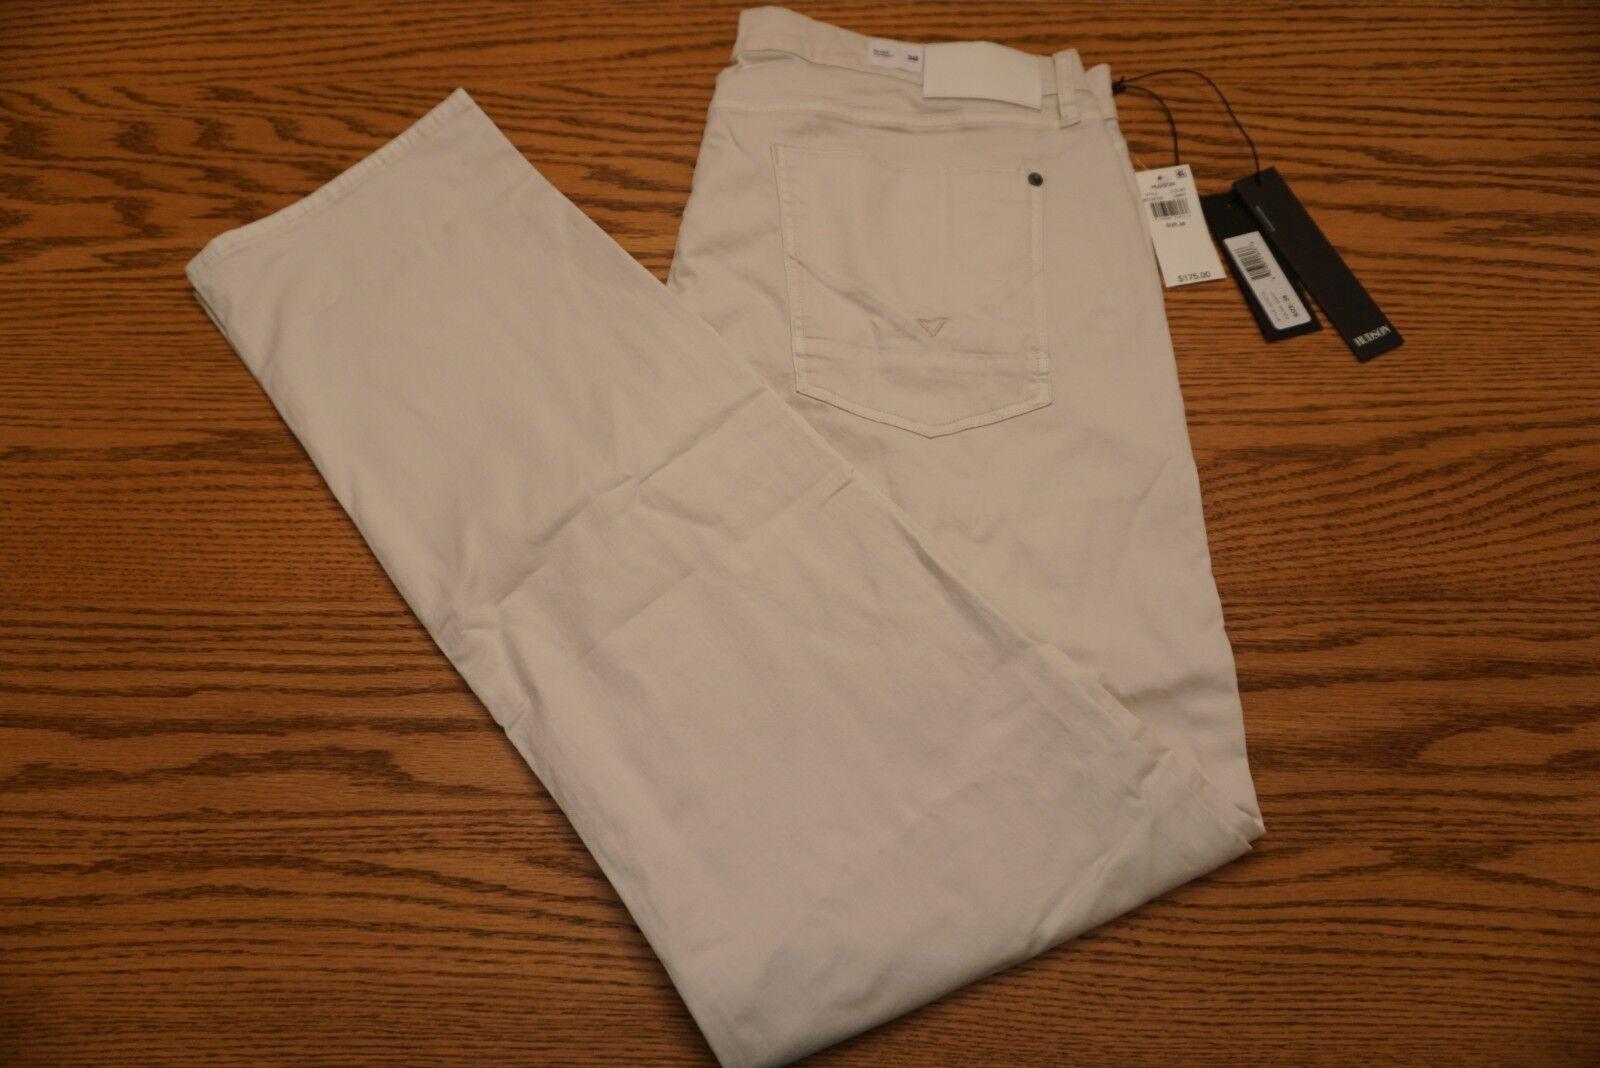 NWT MEN'S HUDSON PANTS JEANS Multiple Sizes BLAKE Slim Straight Off-White